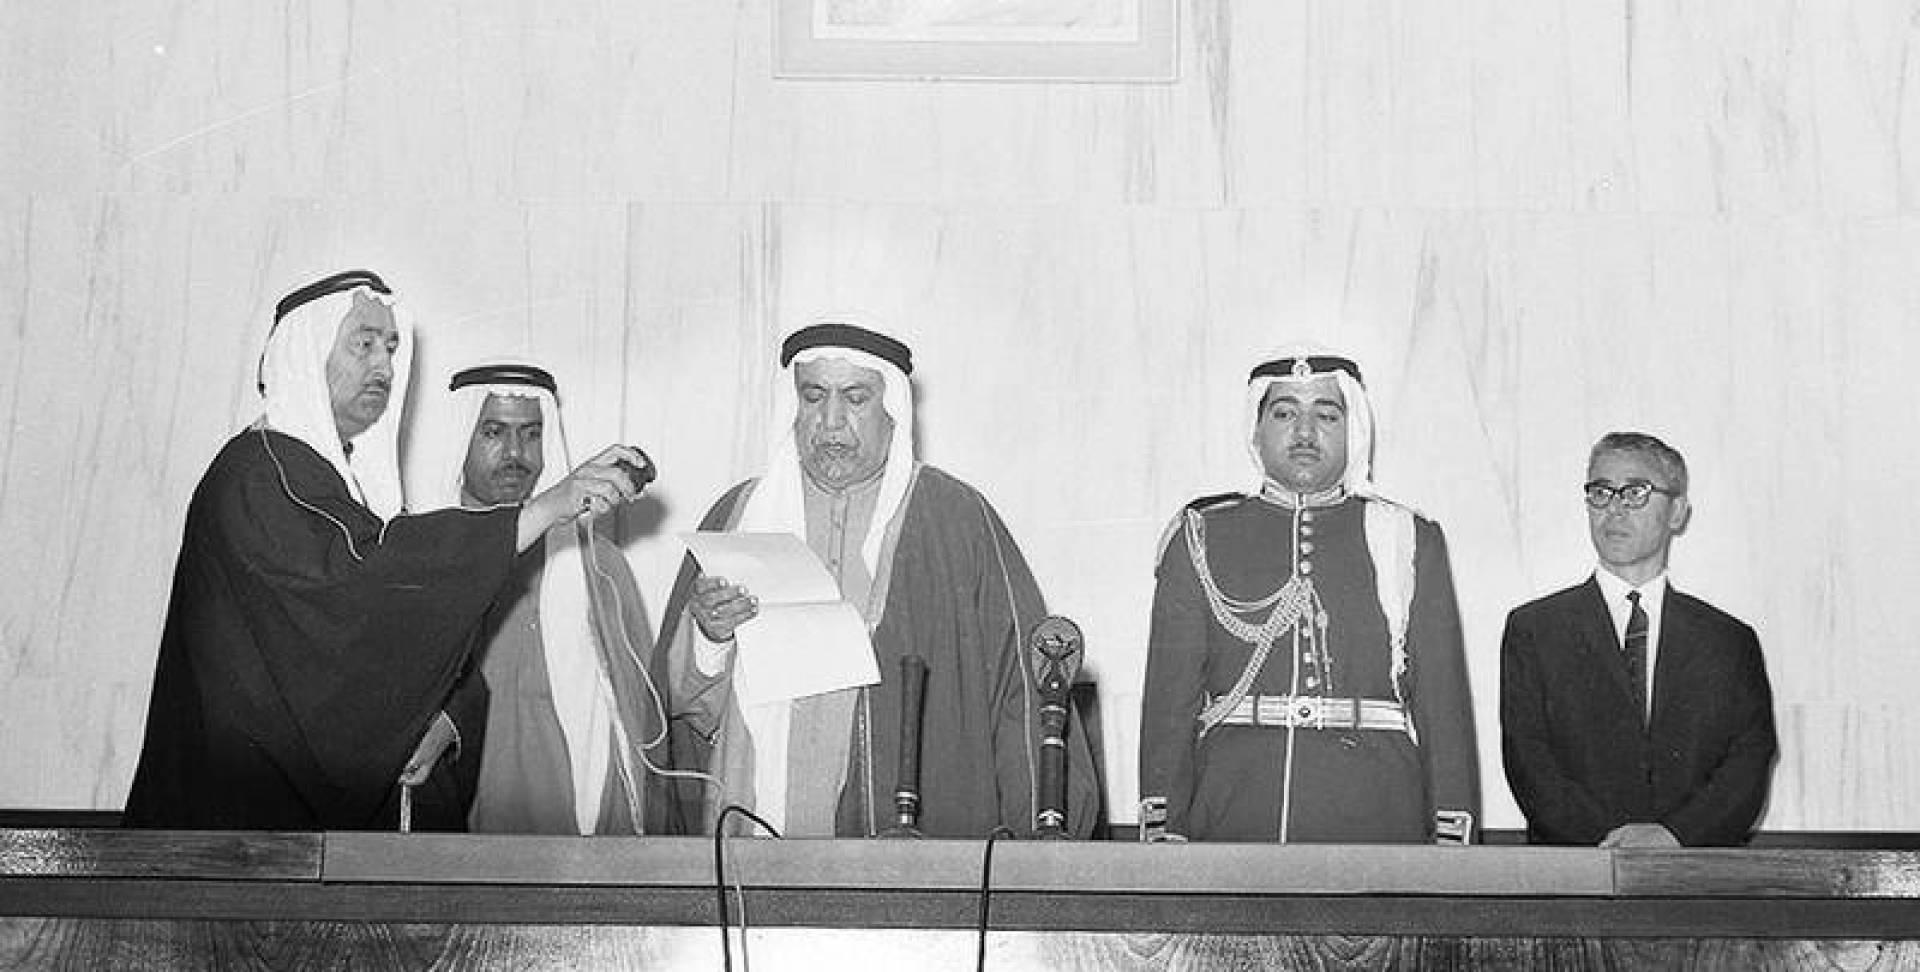 سمو الأمير الشيخ عبدالله السالم الصباح أمير البلاد مفتتحاً أولى جلسات المجلس التأسيسي